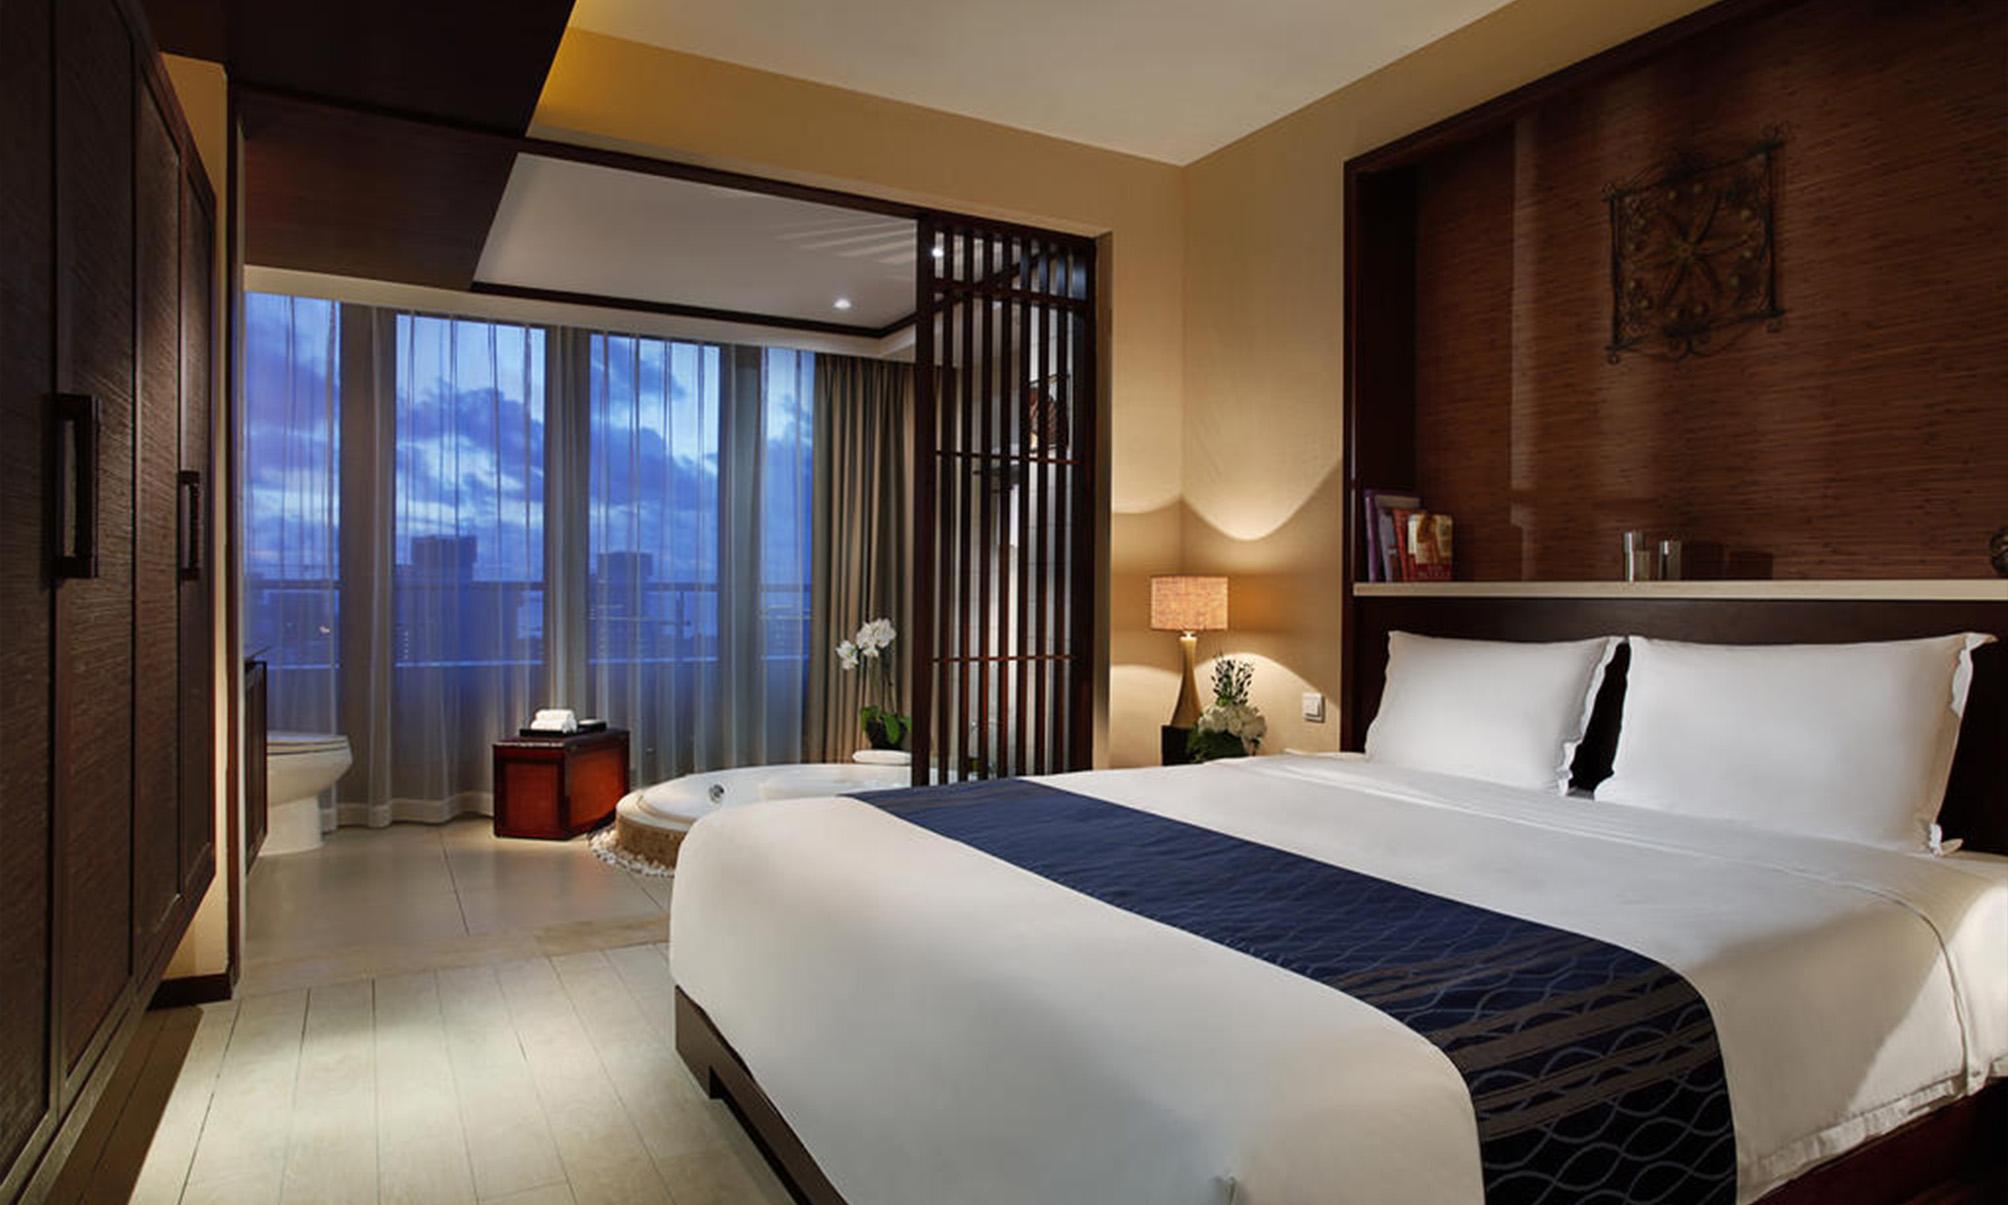 上海酒店家具厂-酒店家具有哪三大设计风格特点